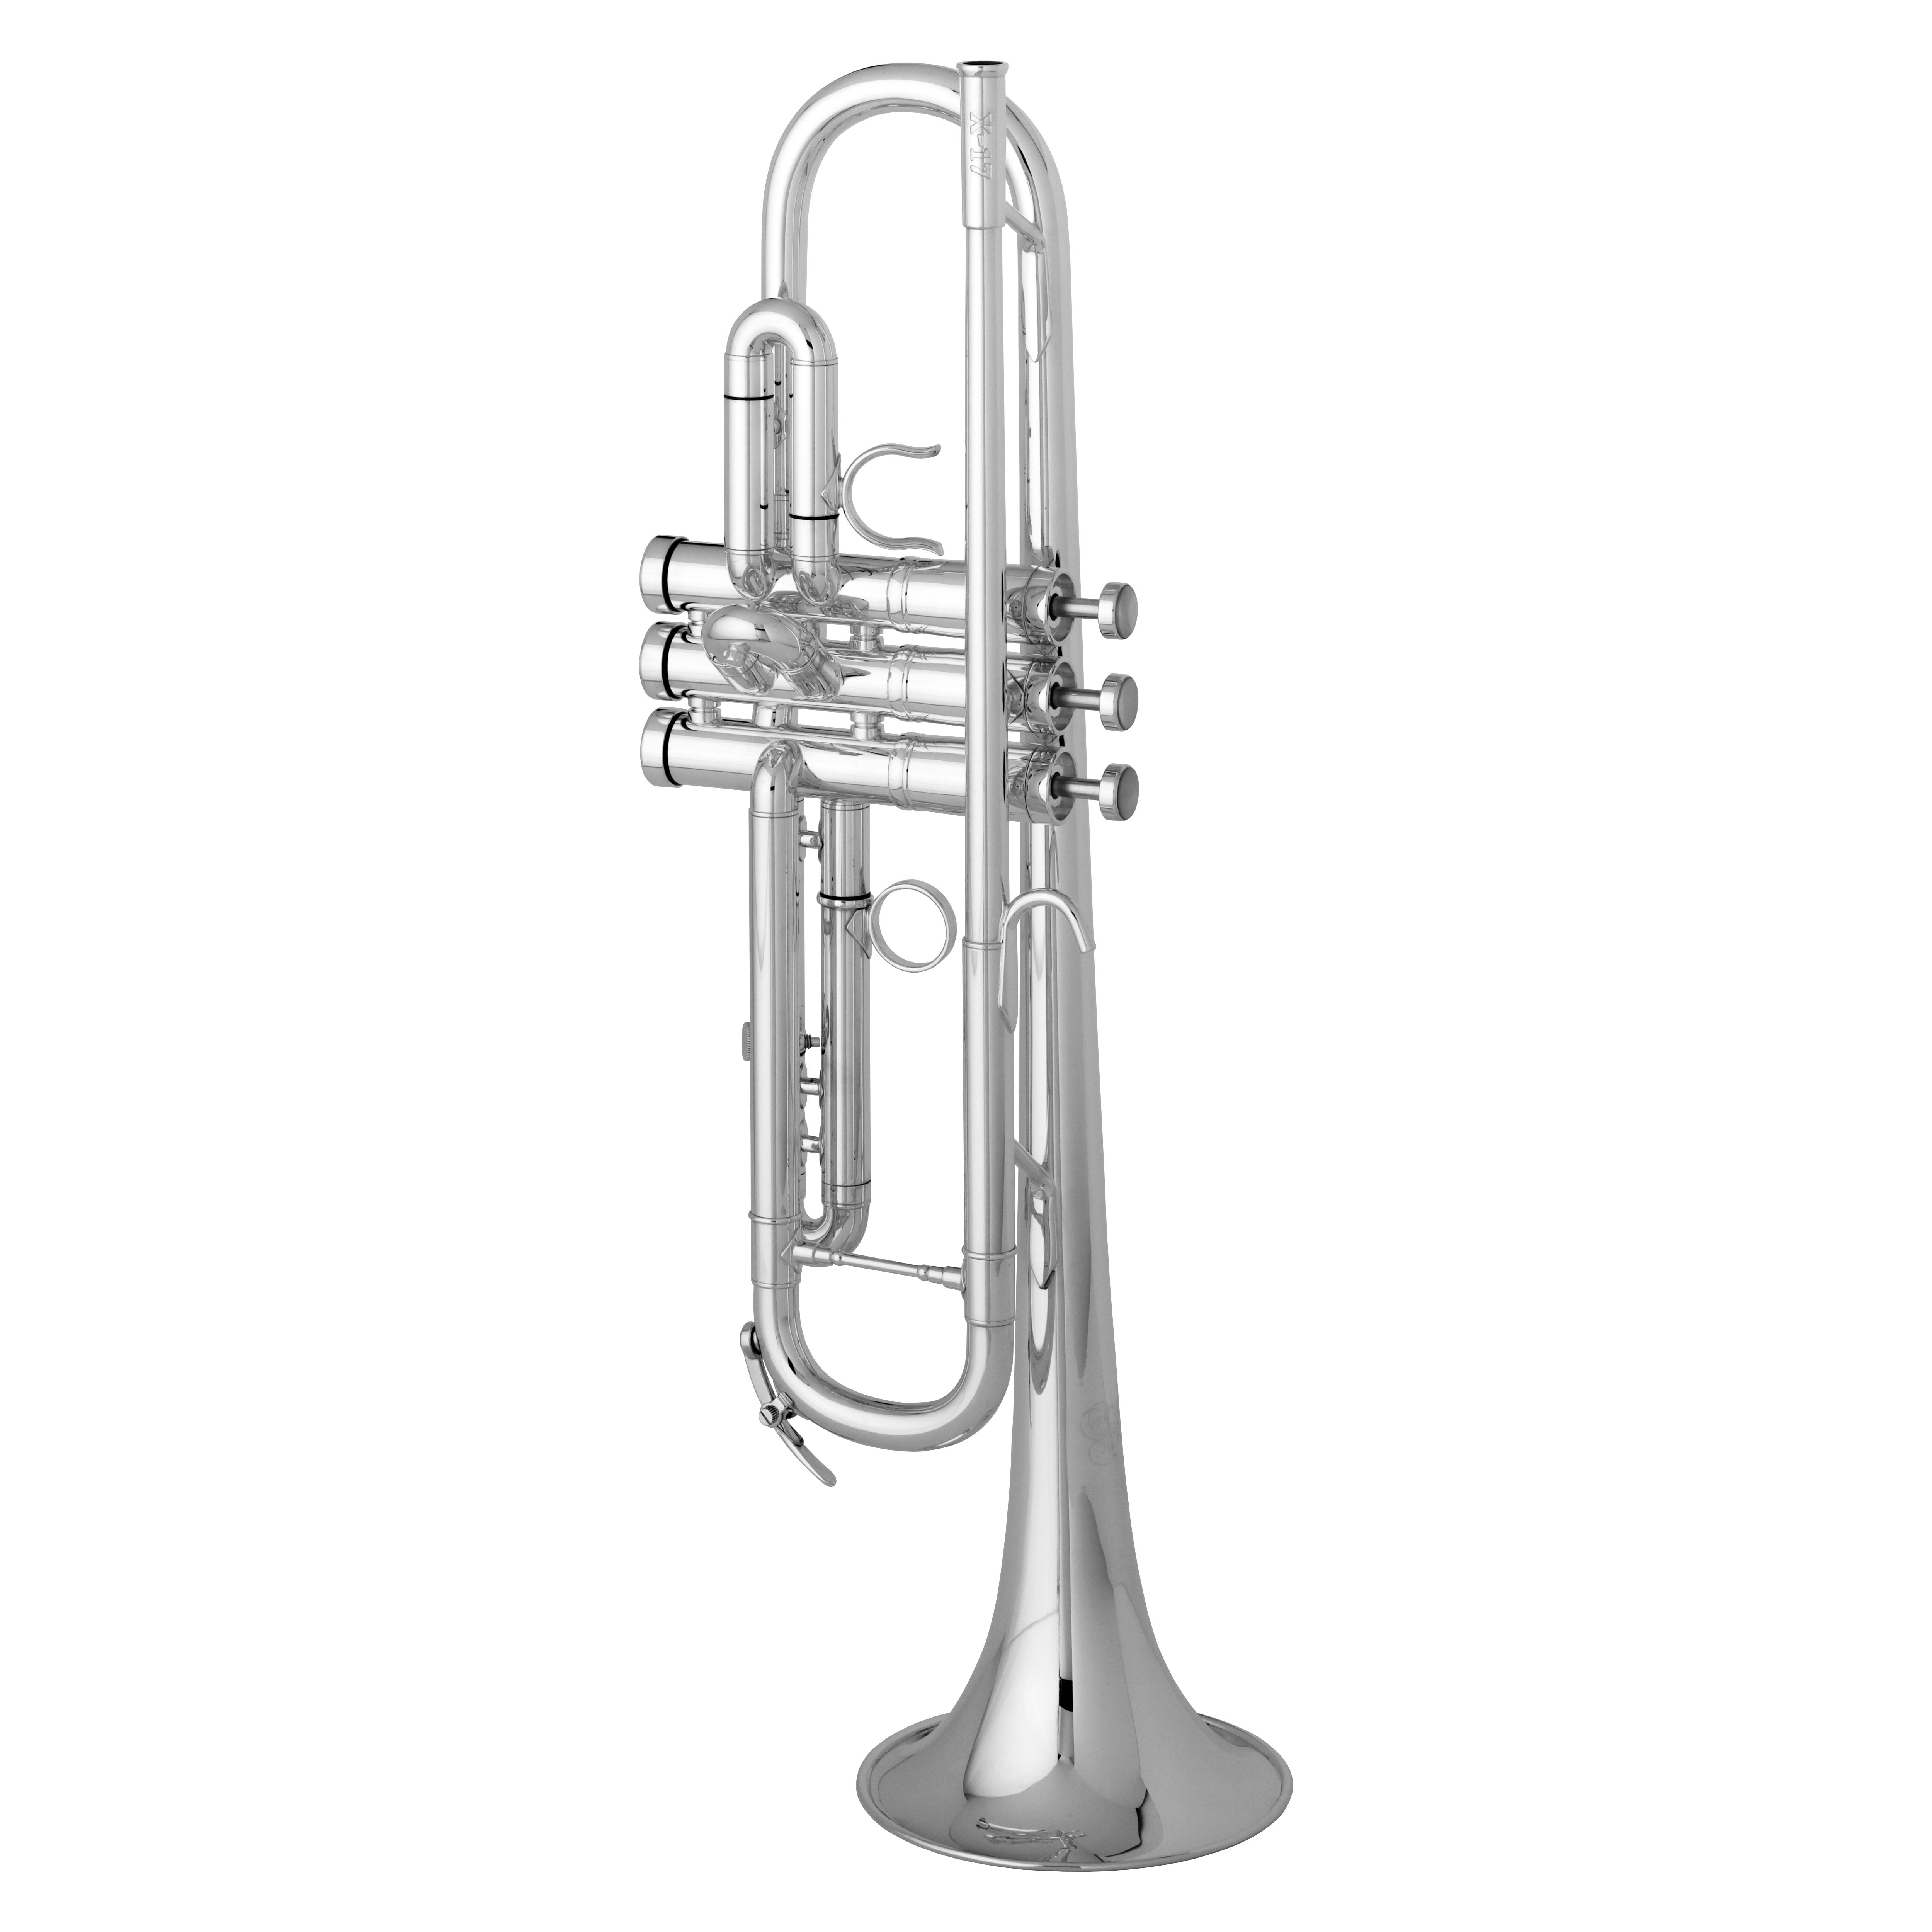 Edwards - X - 17 - S - Blechblasinstrumente - Trompeten mit Perinet-Ventilen | MUSIK BERTRAM Deutschland Freiburg